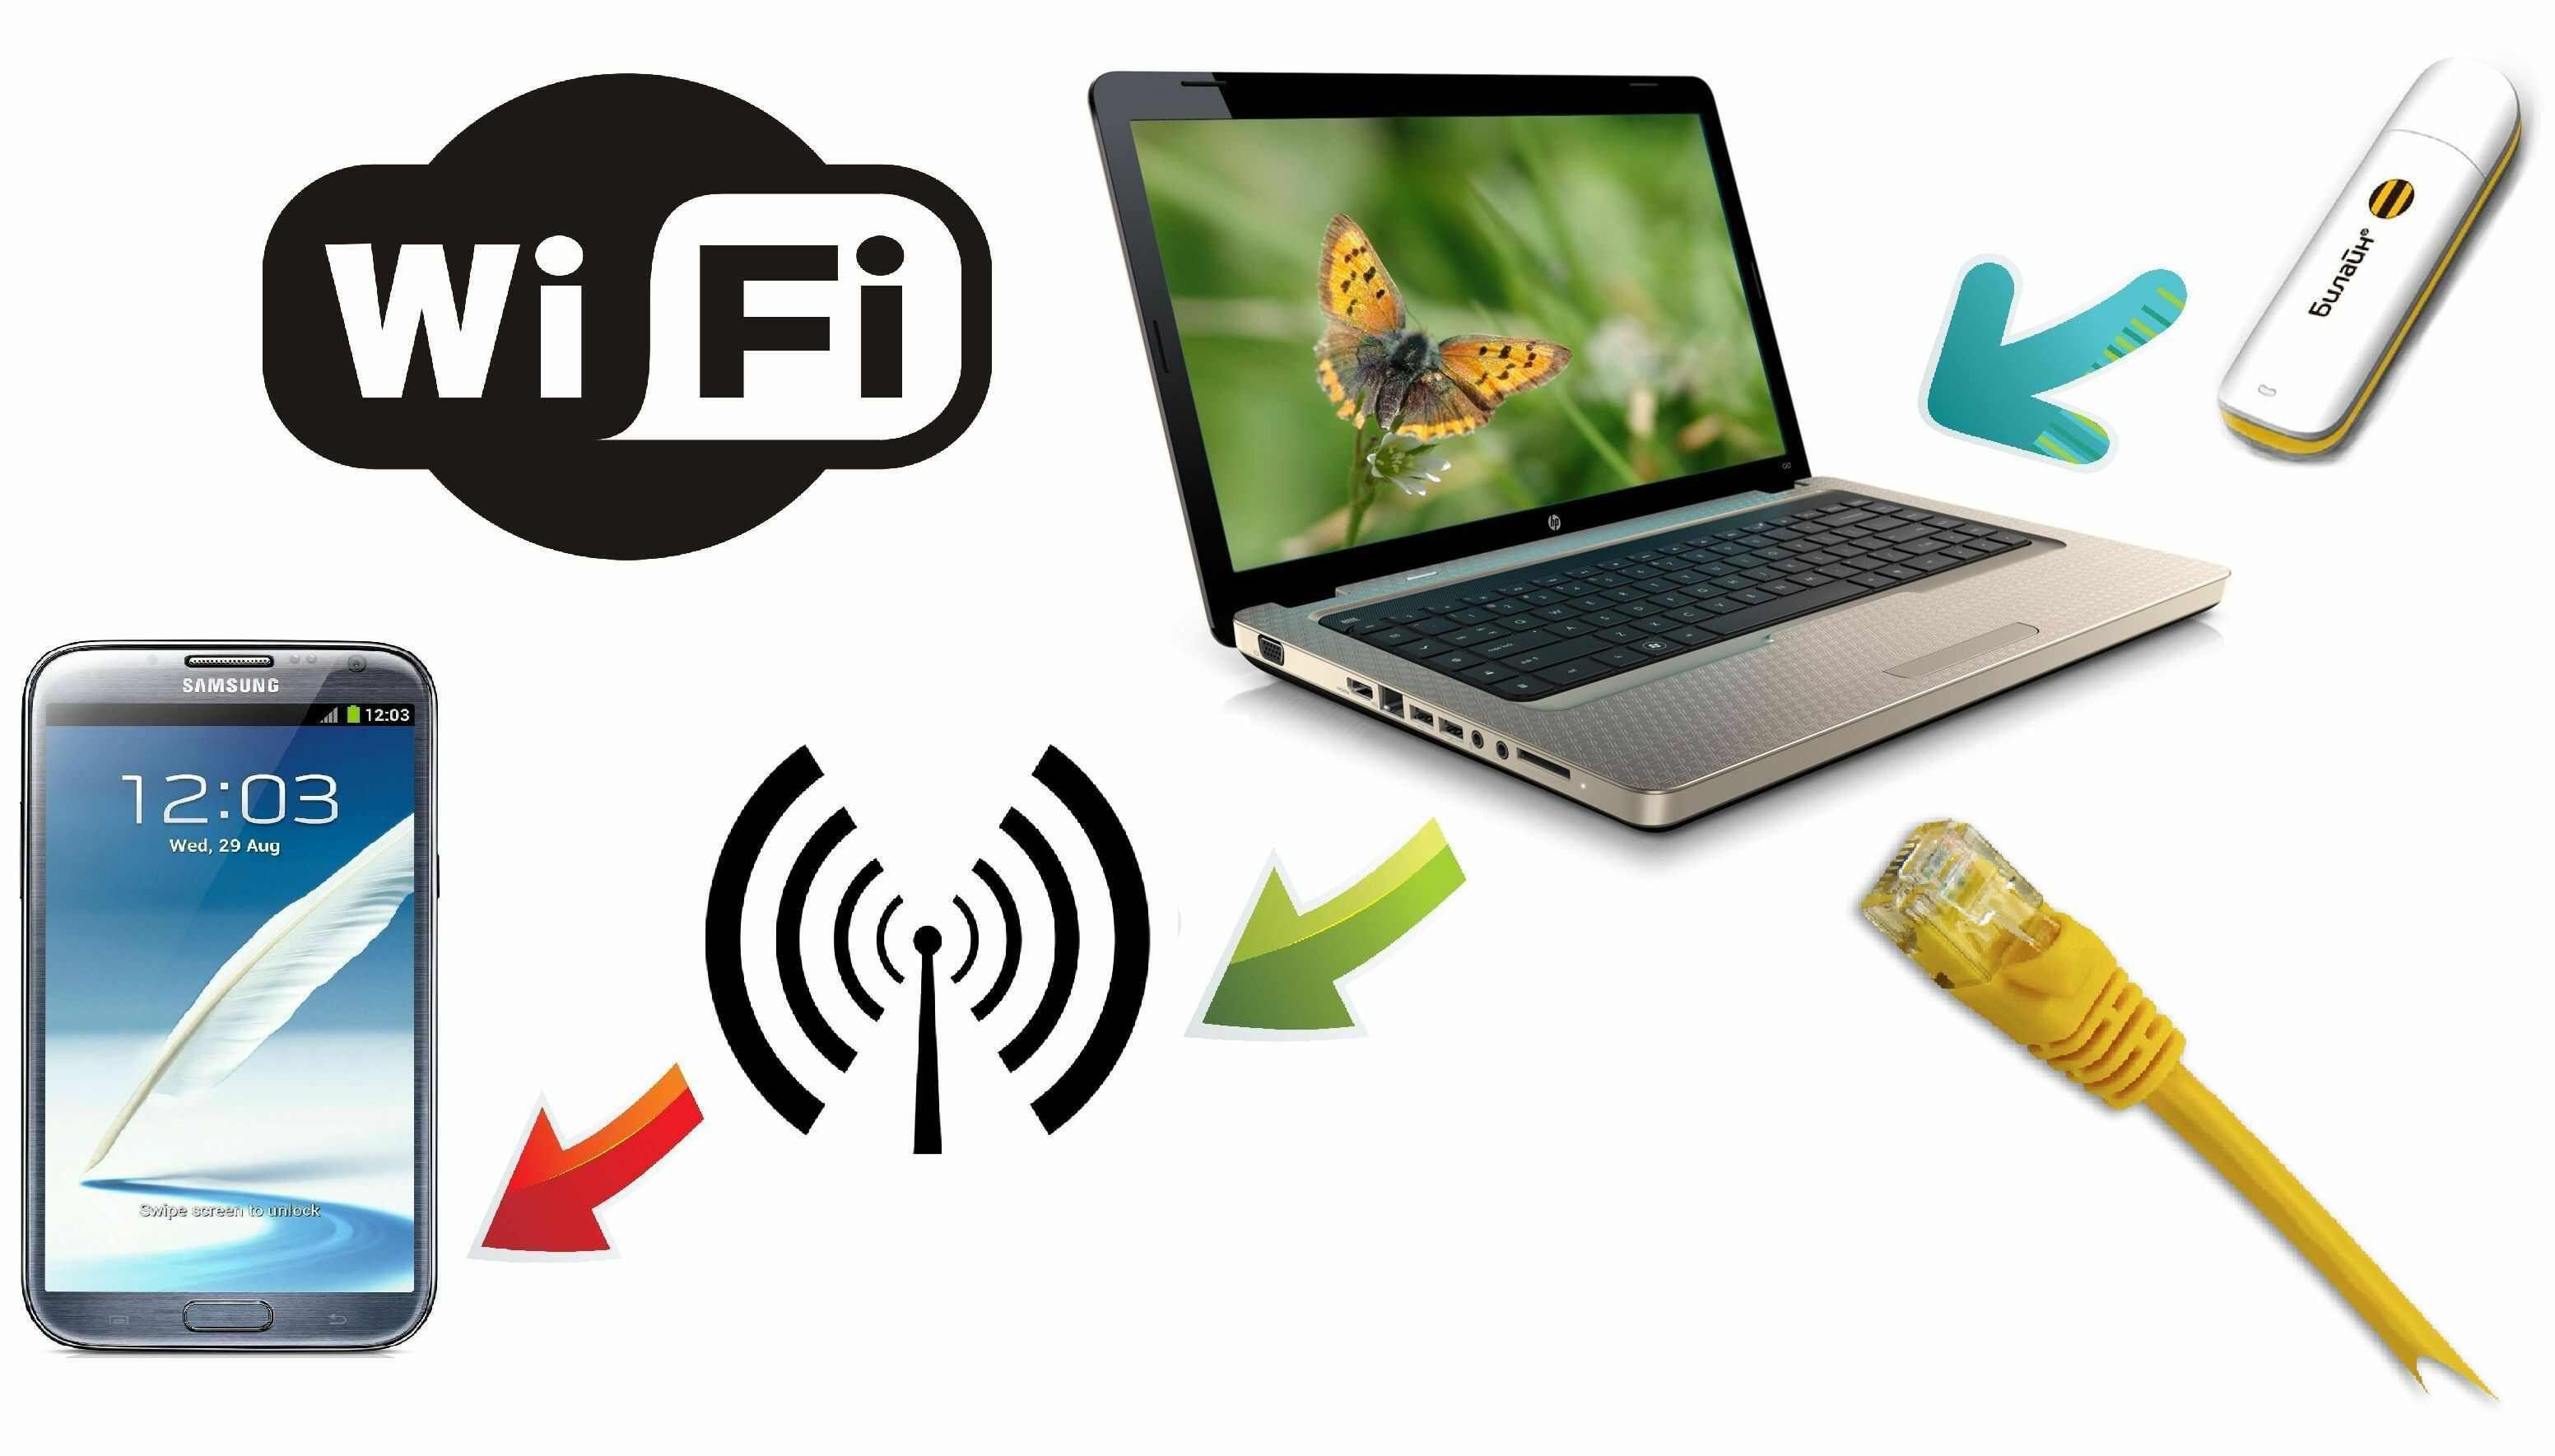 WiFi-ны ноутбуктан қалай таратуға болады